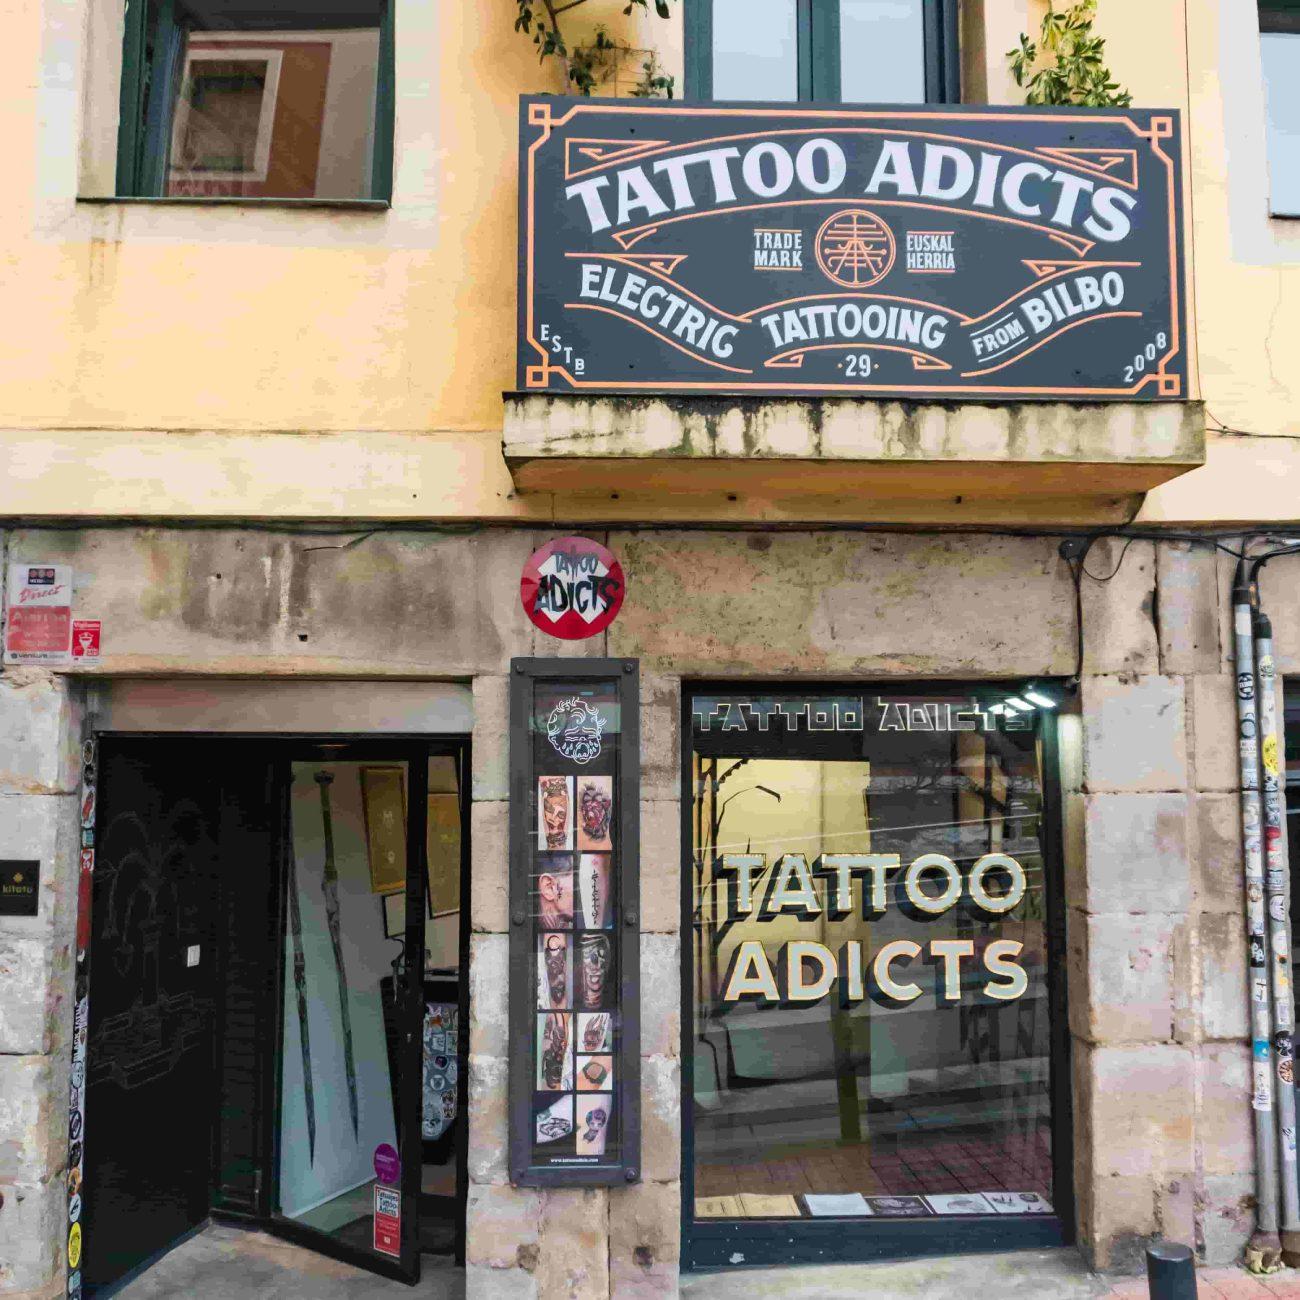 En Tatto Adicts se manejan diferentes disciplinas dentro del tatuaje